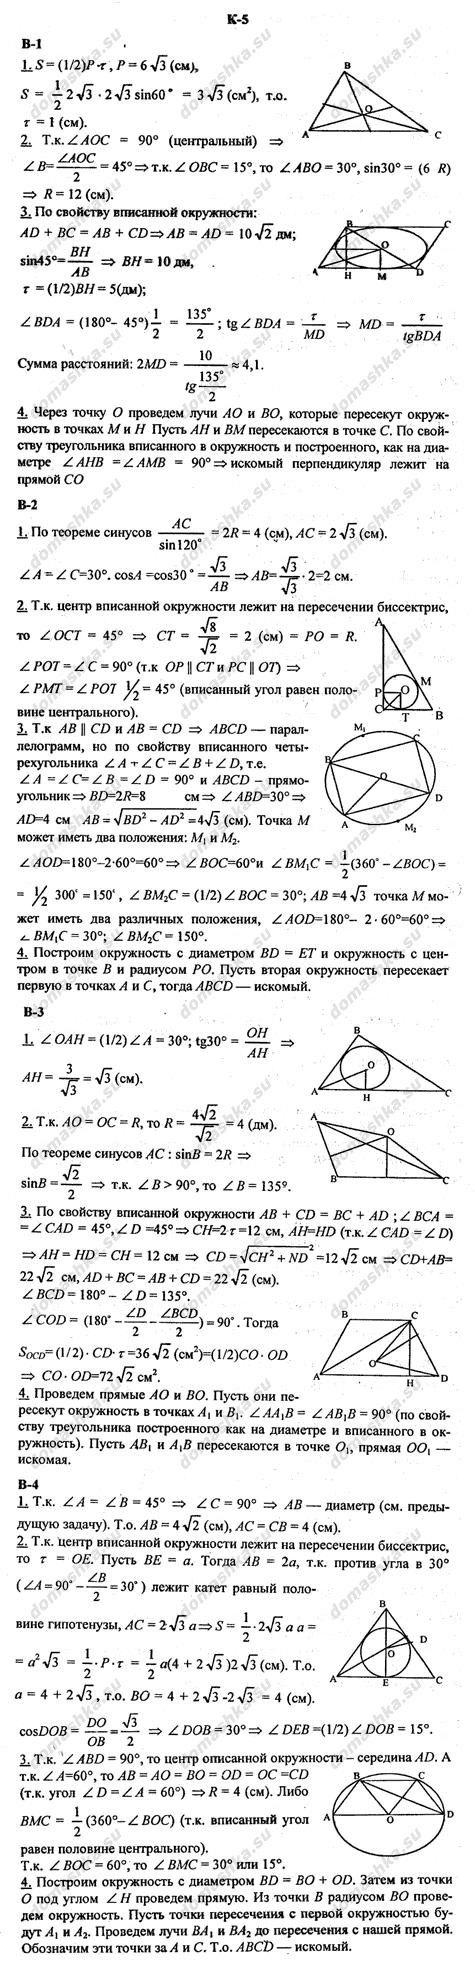 Гдз по геометрии из дидактического материала зив меллер класс